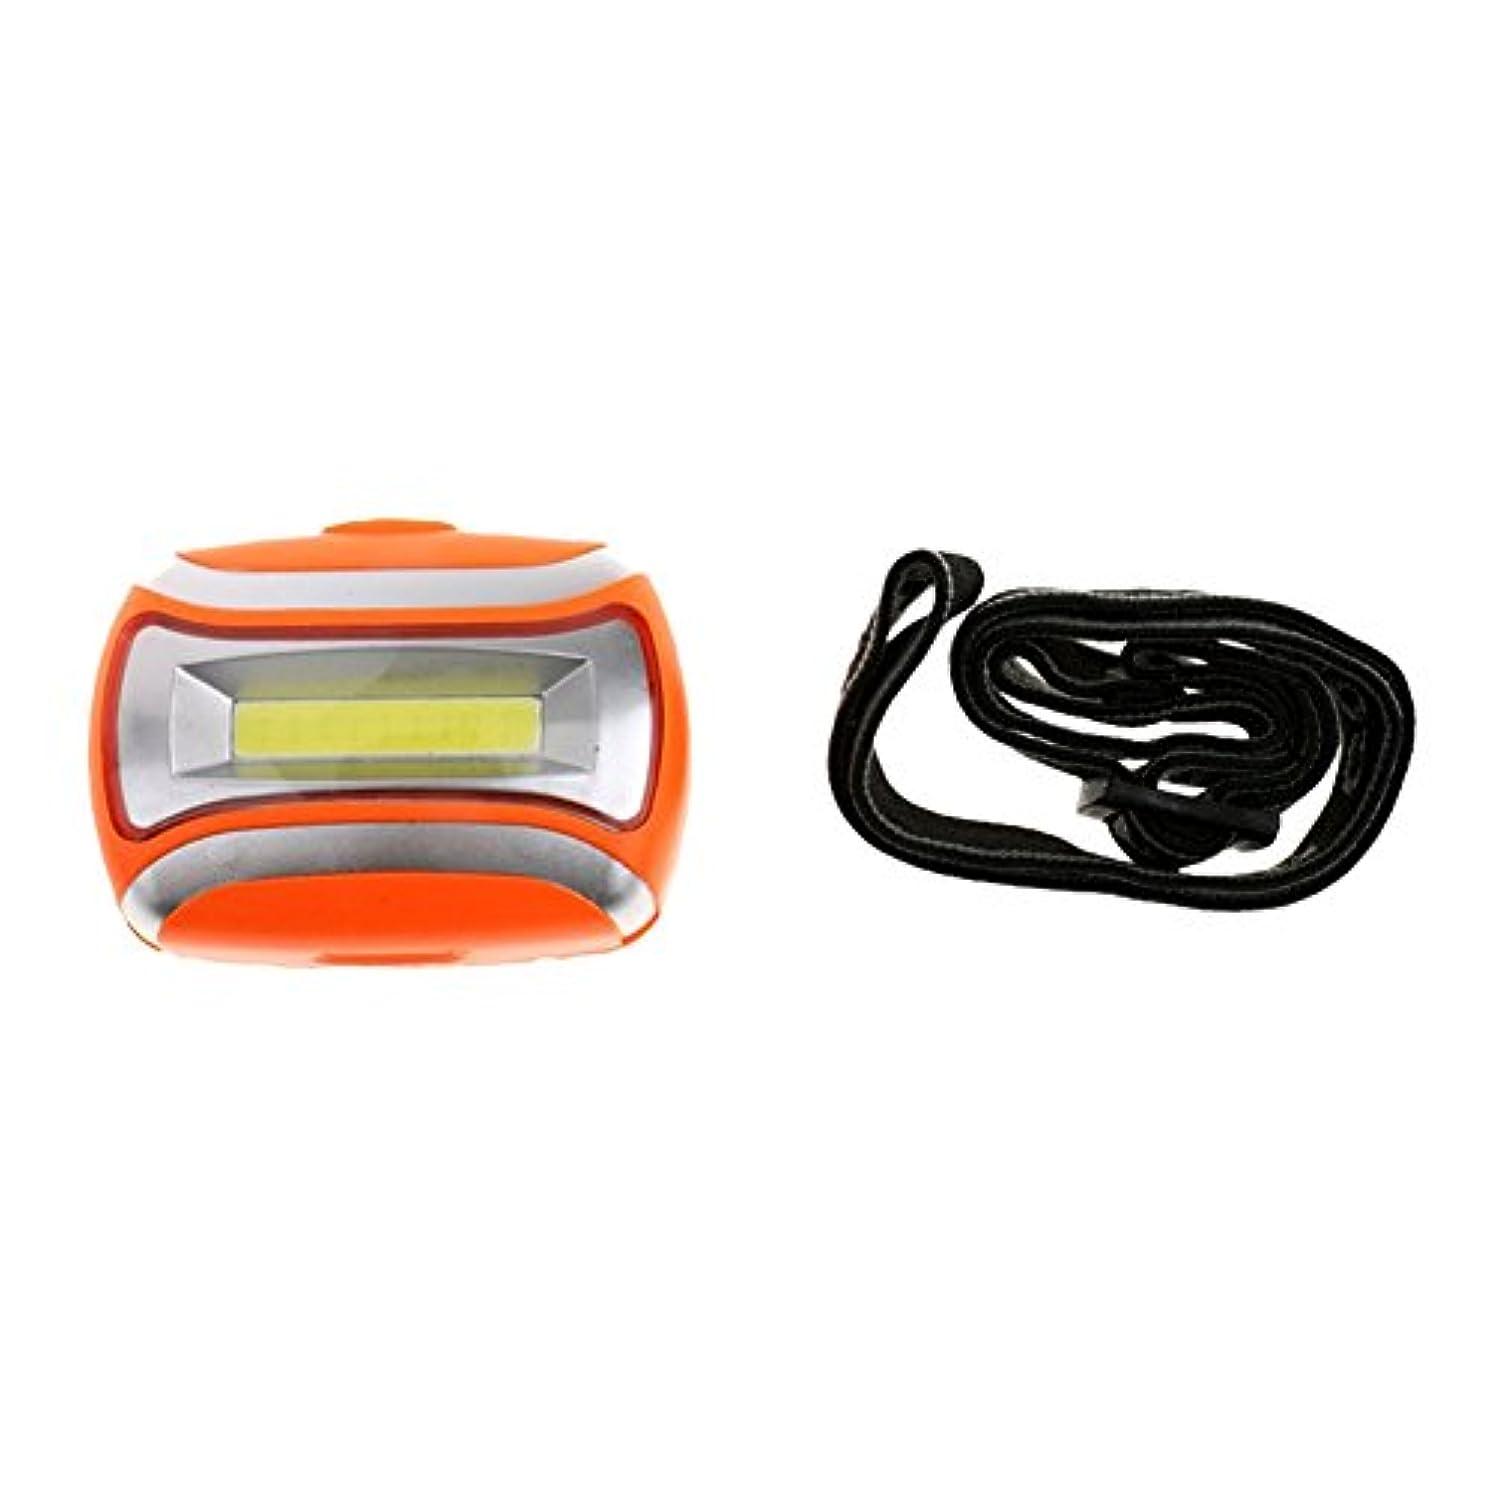 不良バイオリン使用法SellKuo COBミニ ヘッドライト LEDヘルプライト 点滅角度調整 明るいヘッドライト 3W 600ルーメン アウトドア活動 釣り 緊急災害 キャンプ 作業 登山